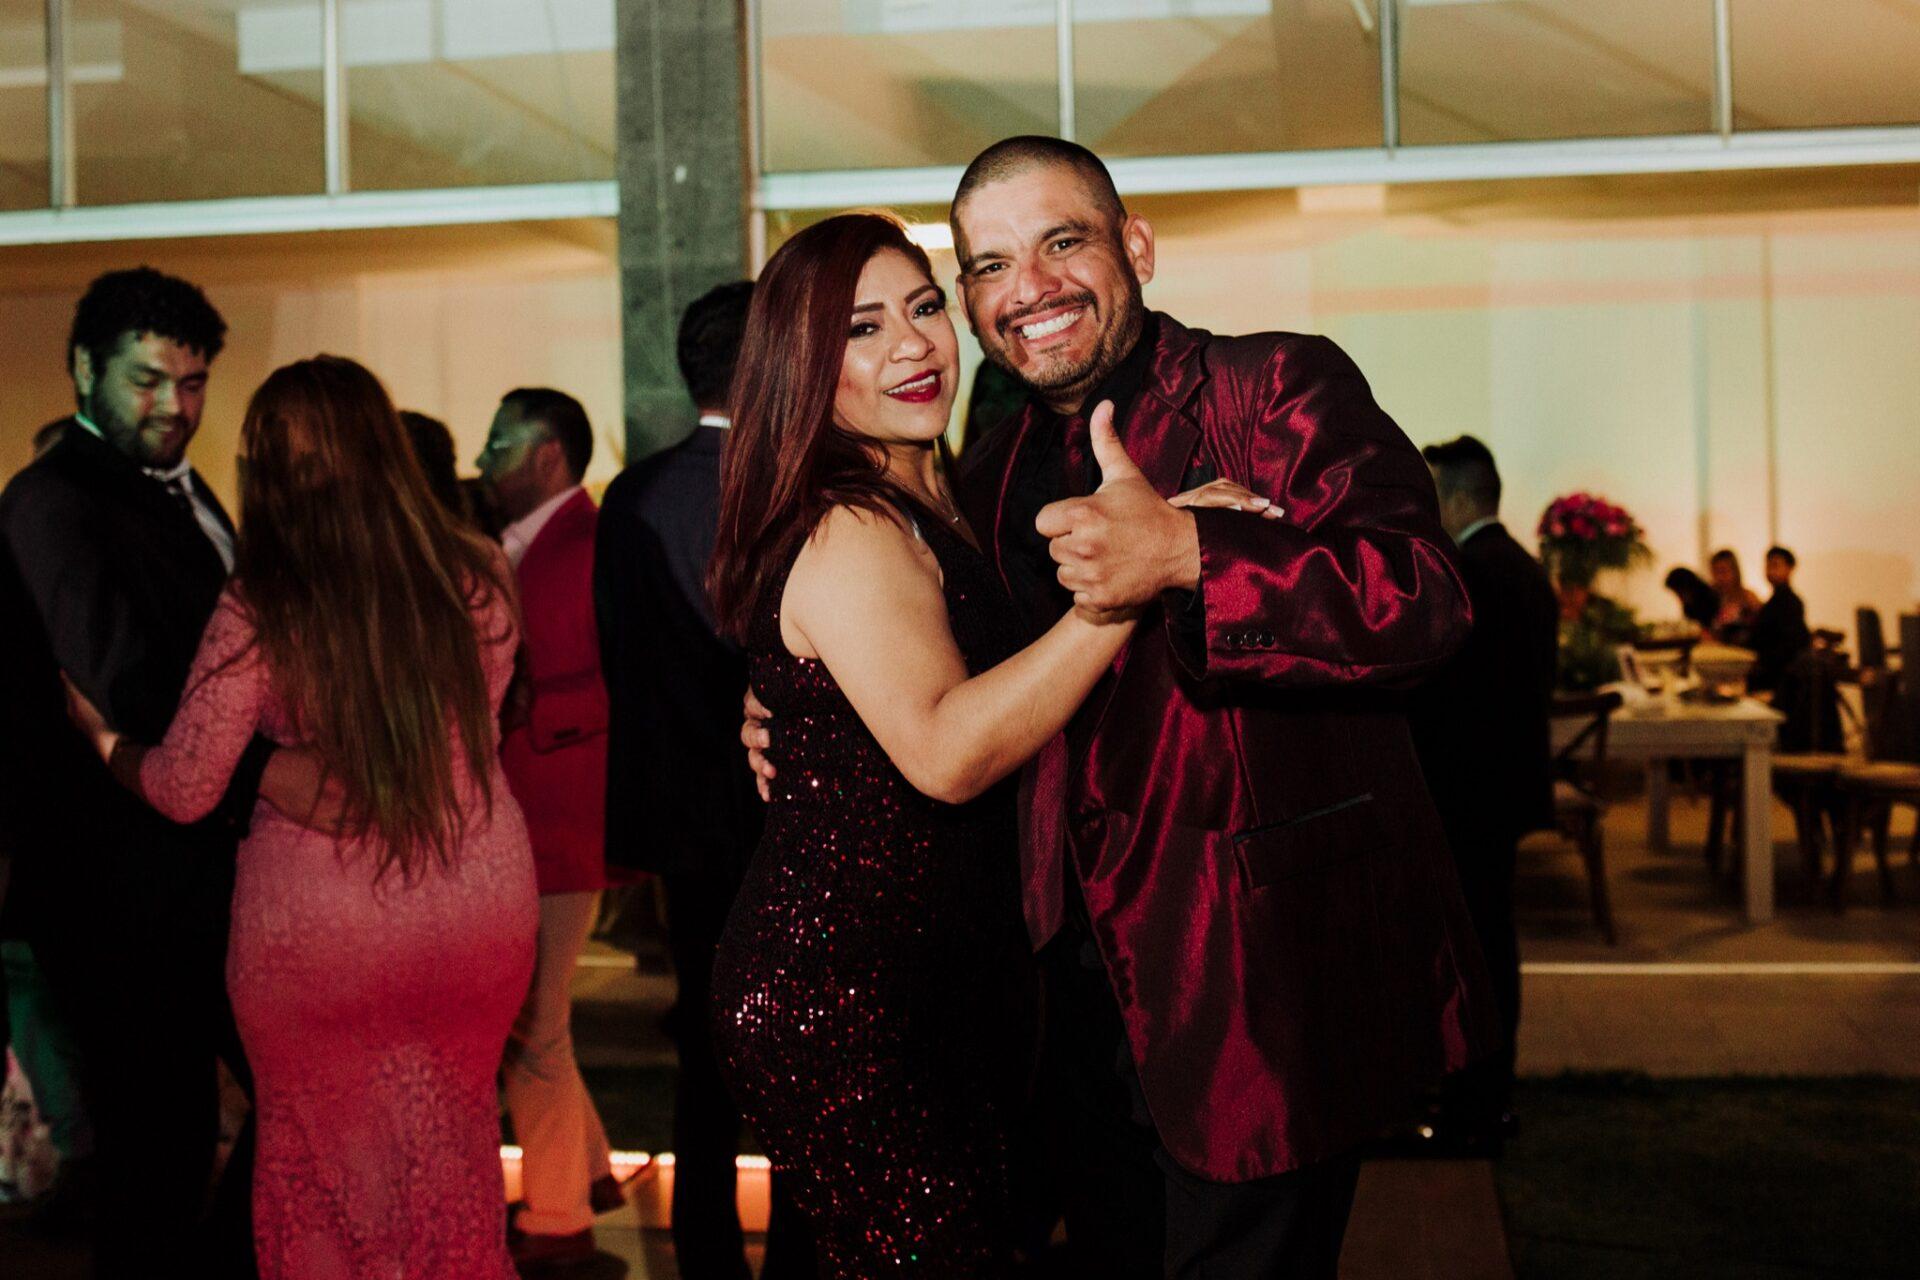 javier_noriega_fotografo_bodas_alicia_garden_zacatecas_wedding_photographer27